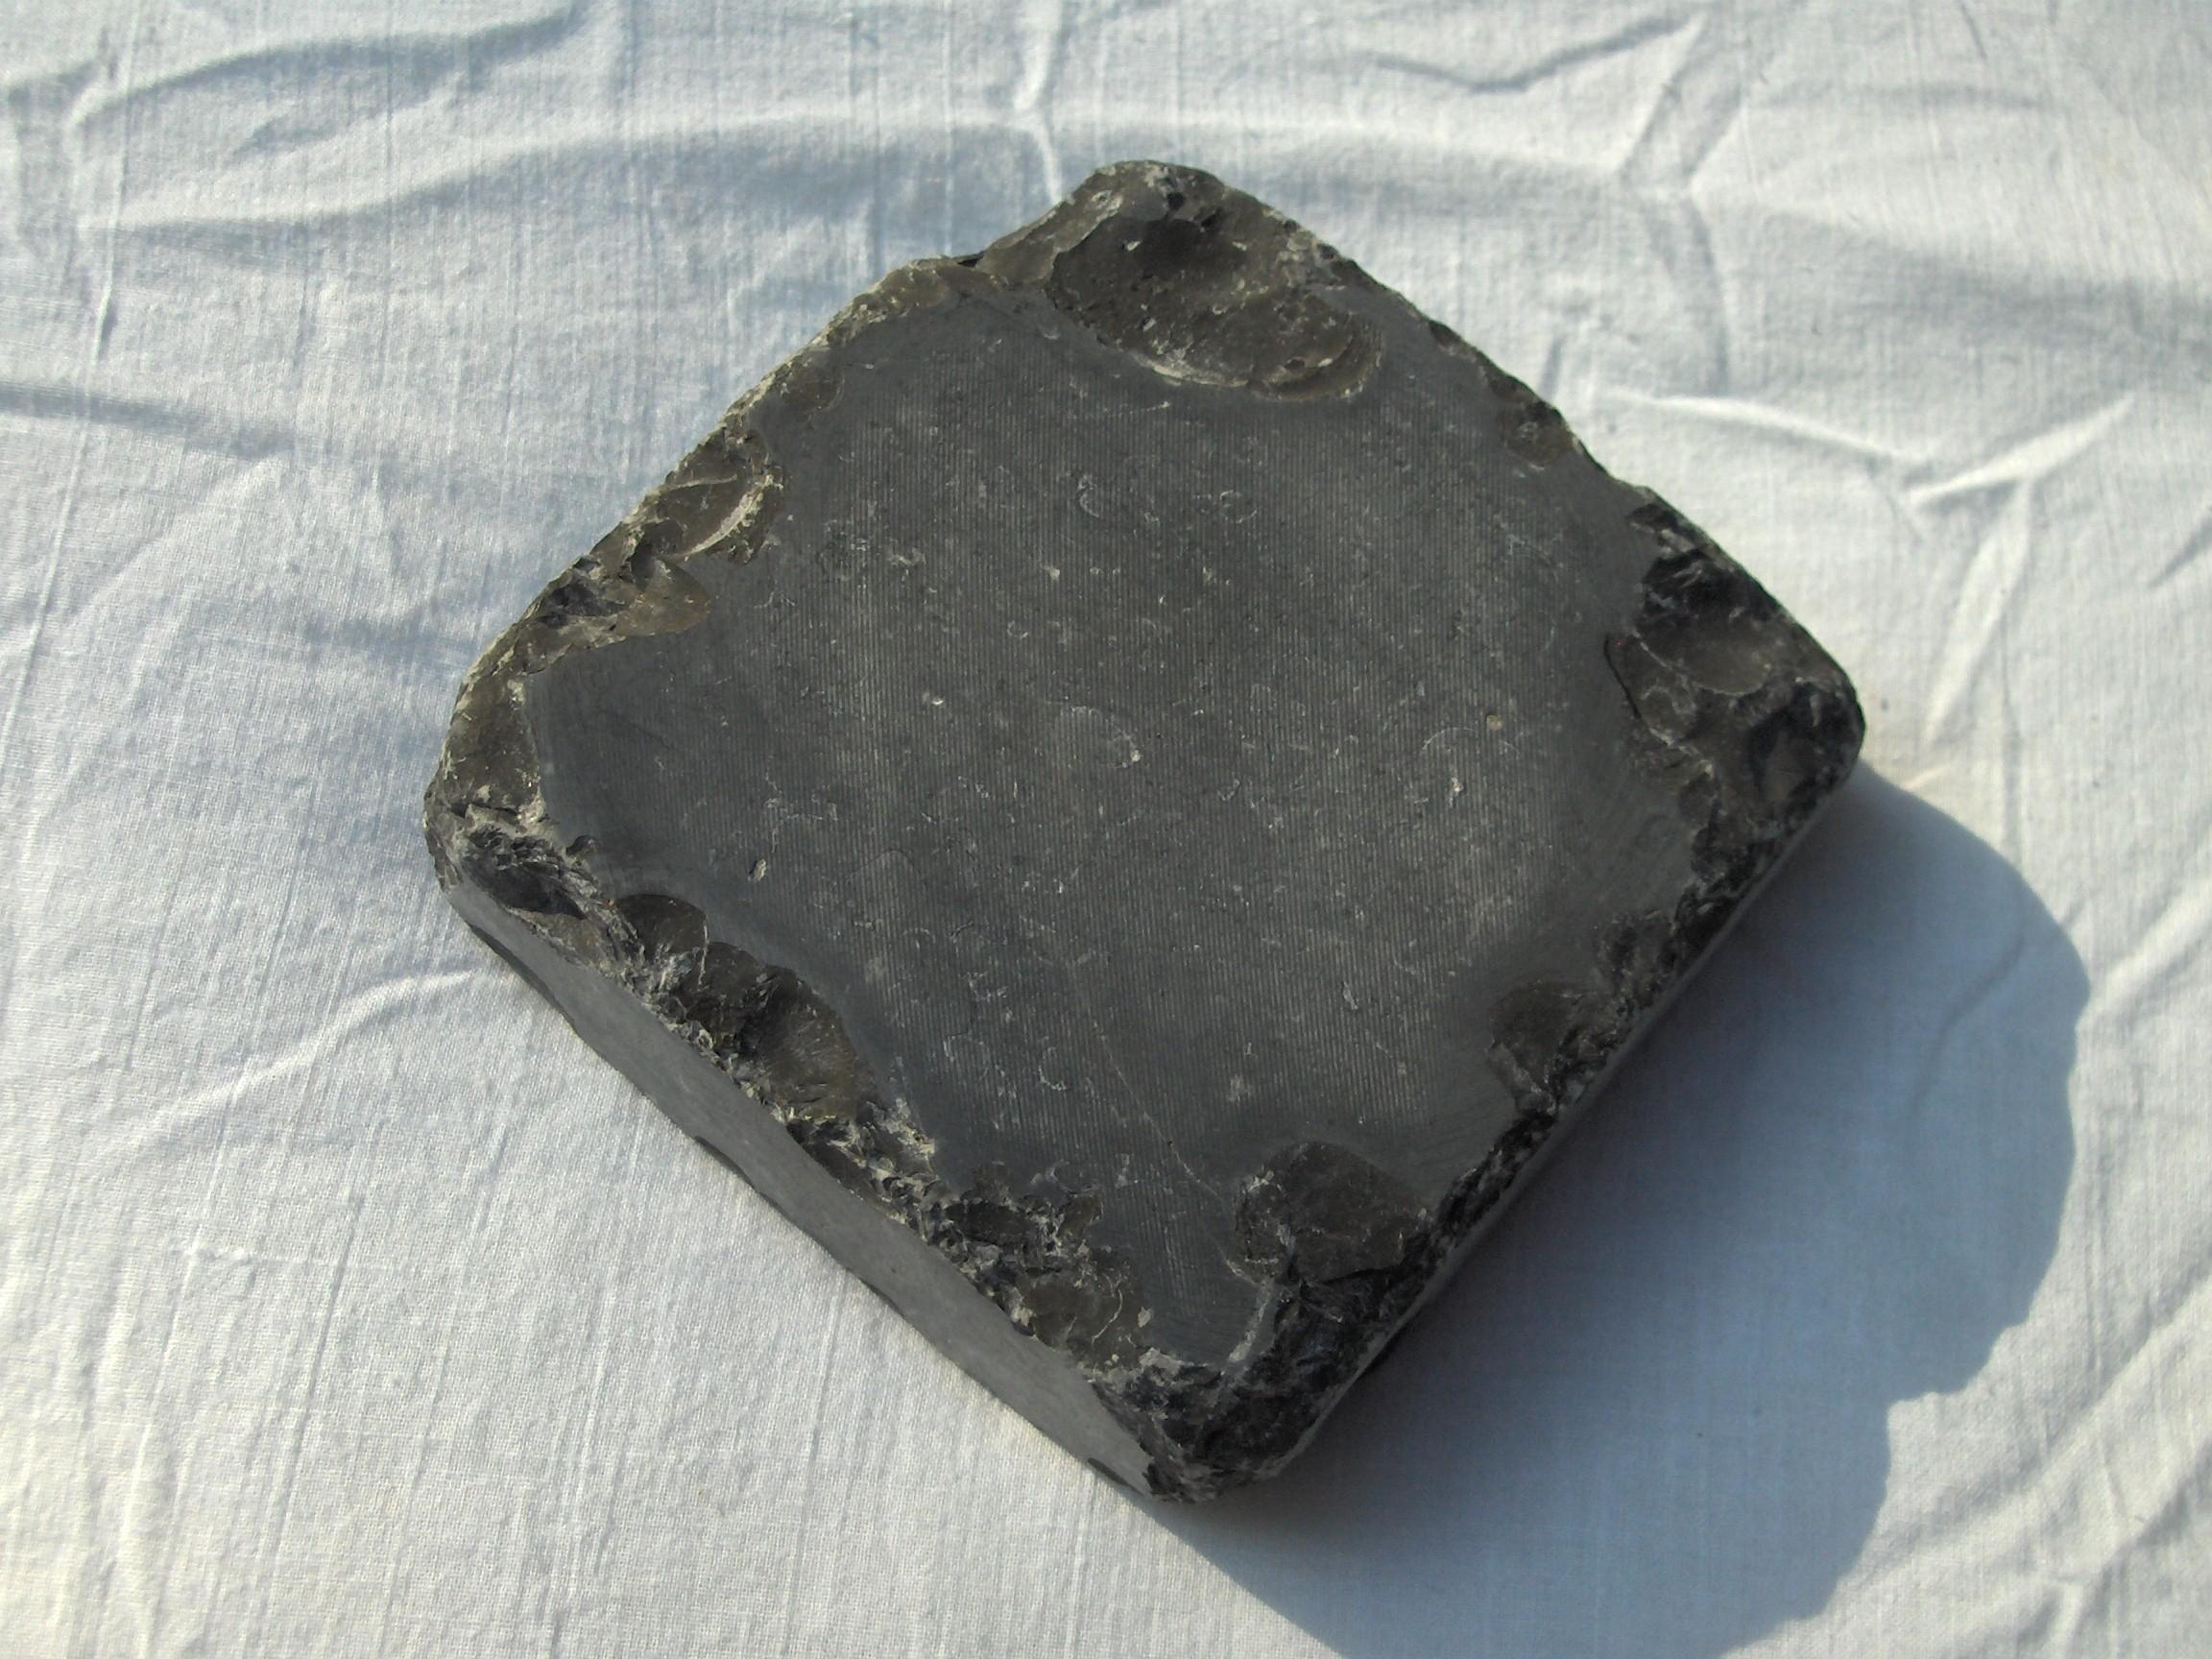 Pav s noirs avec veine de quartz blanc lissac sur couze 19600 d stockag - Dalles clipsables pas cher ...